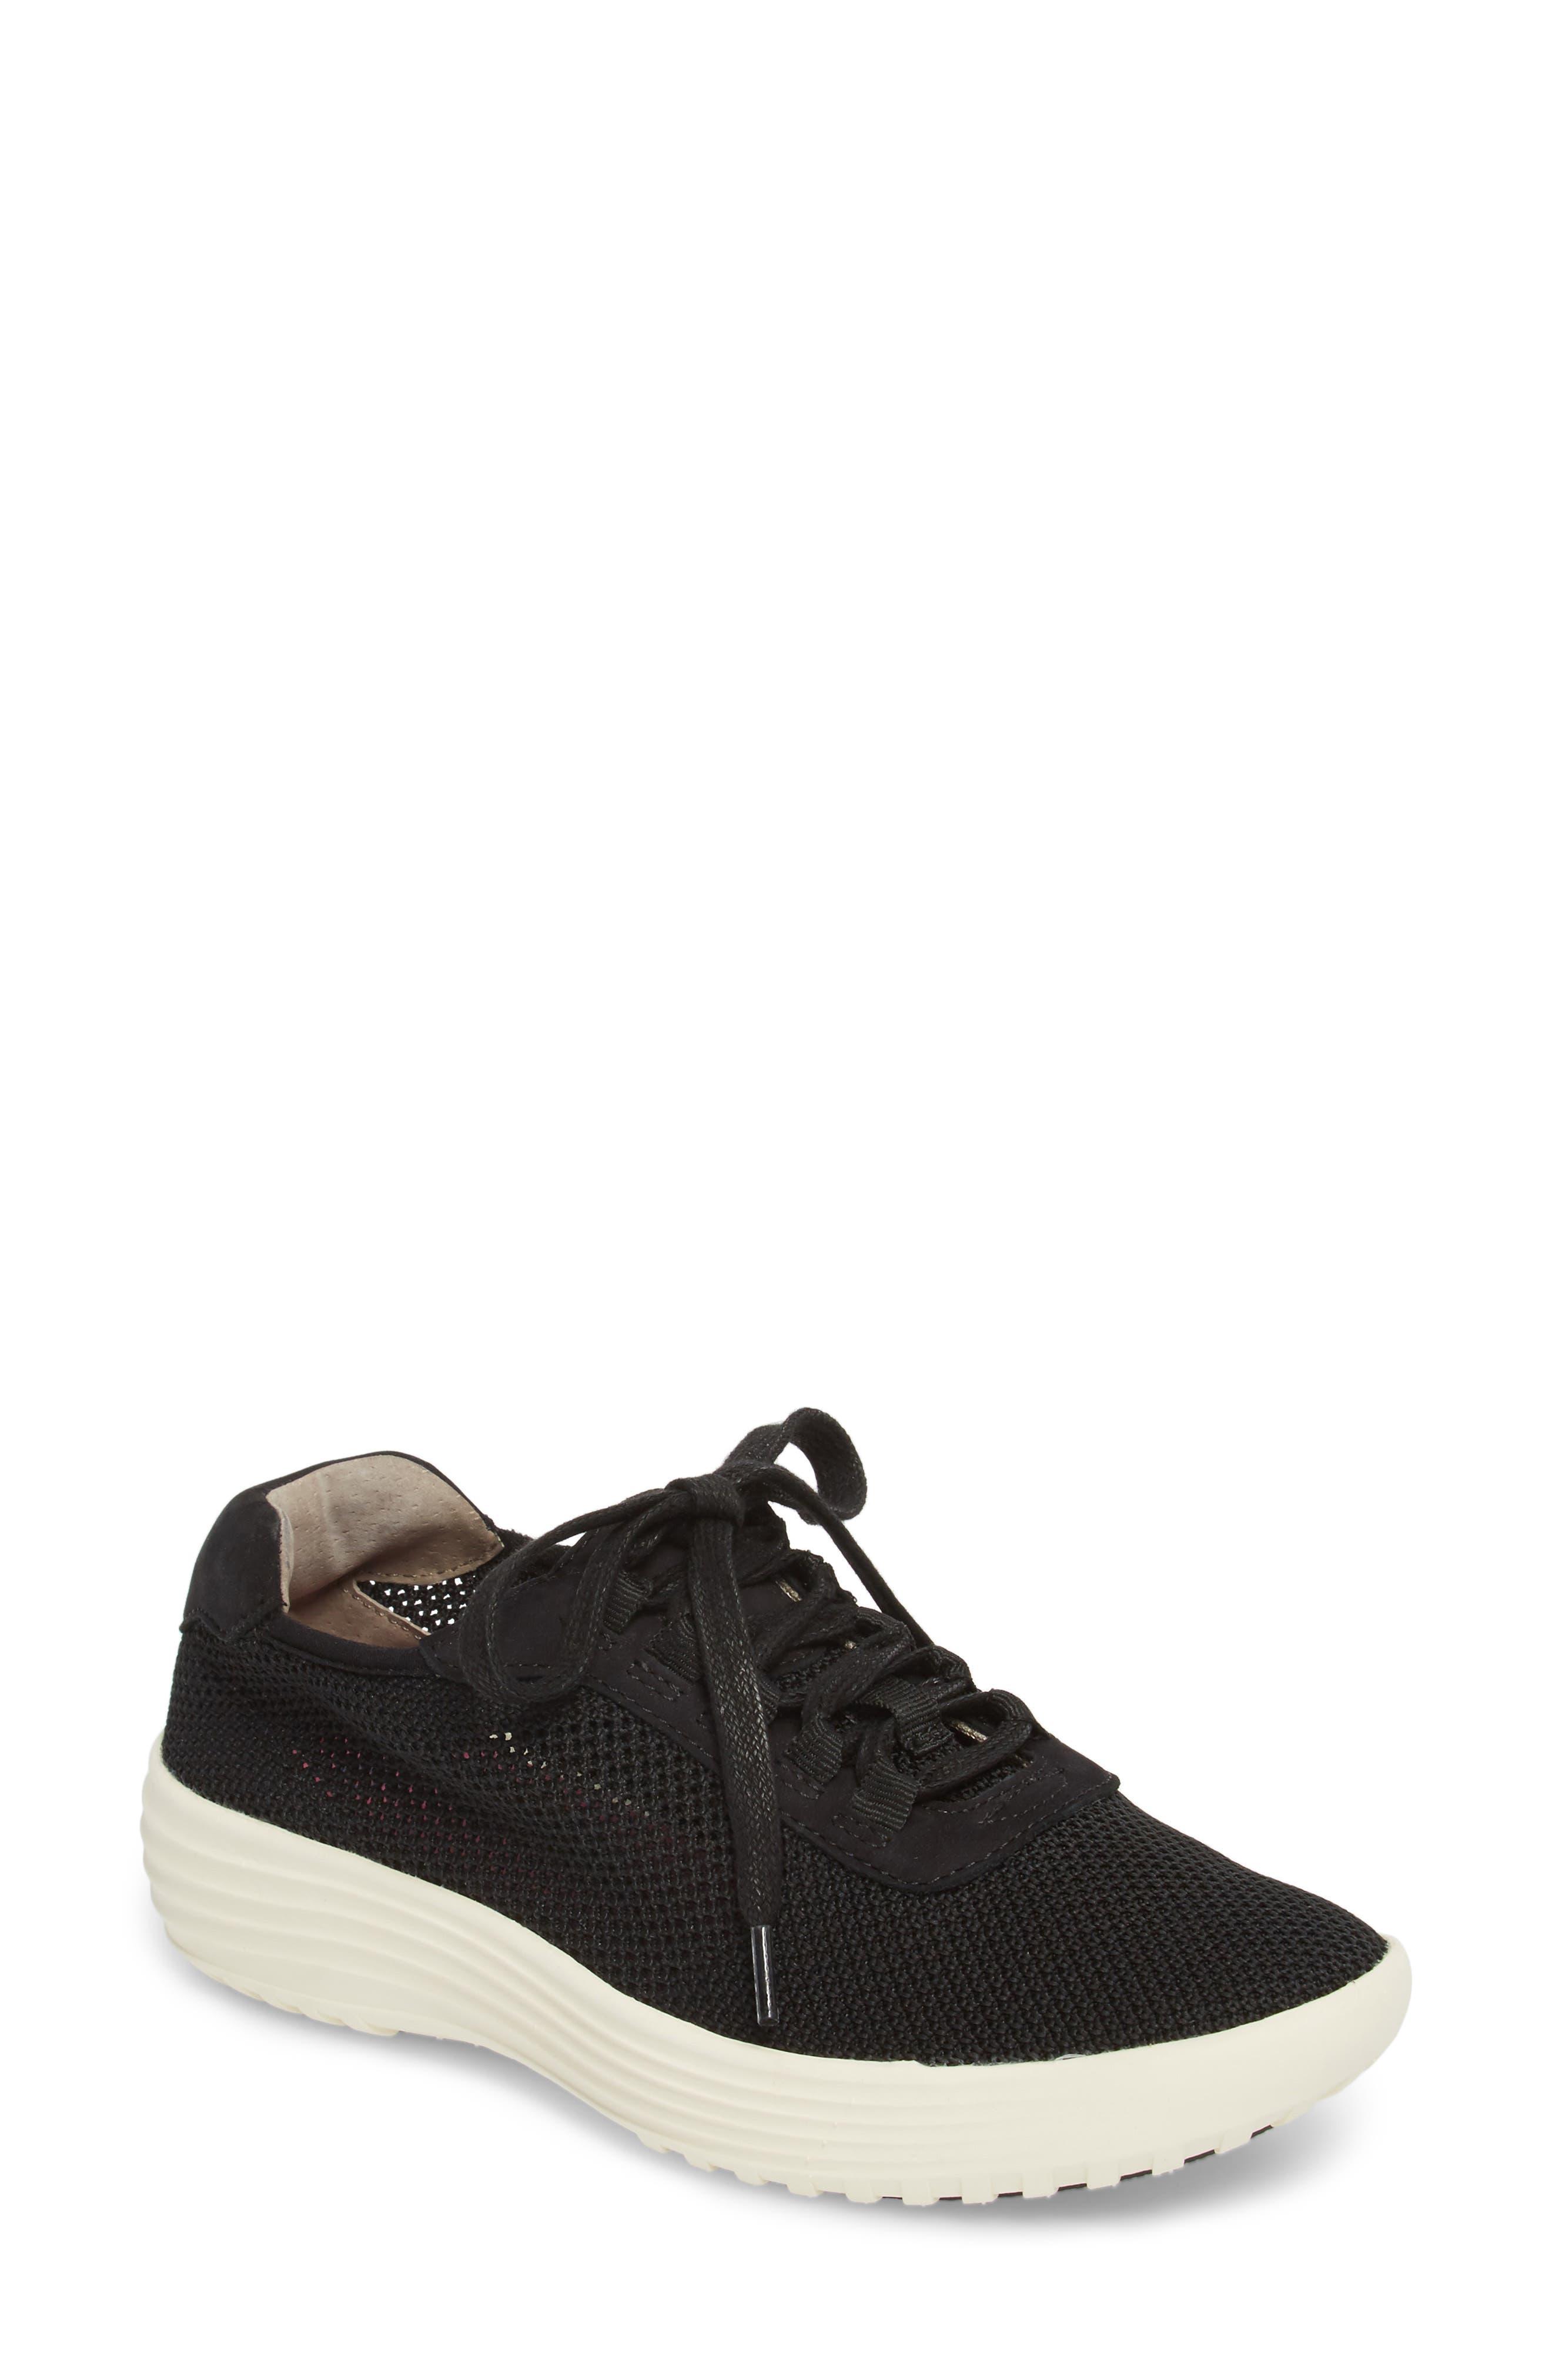 Bionica Malibu Sneaker, Black